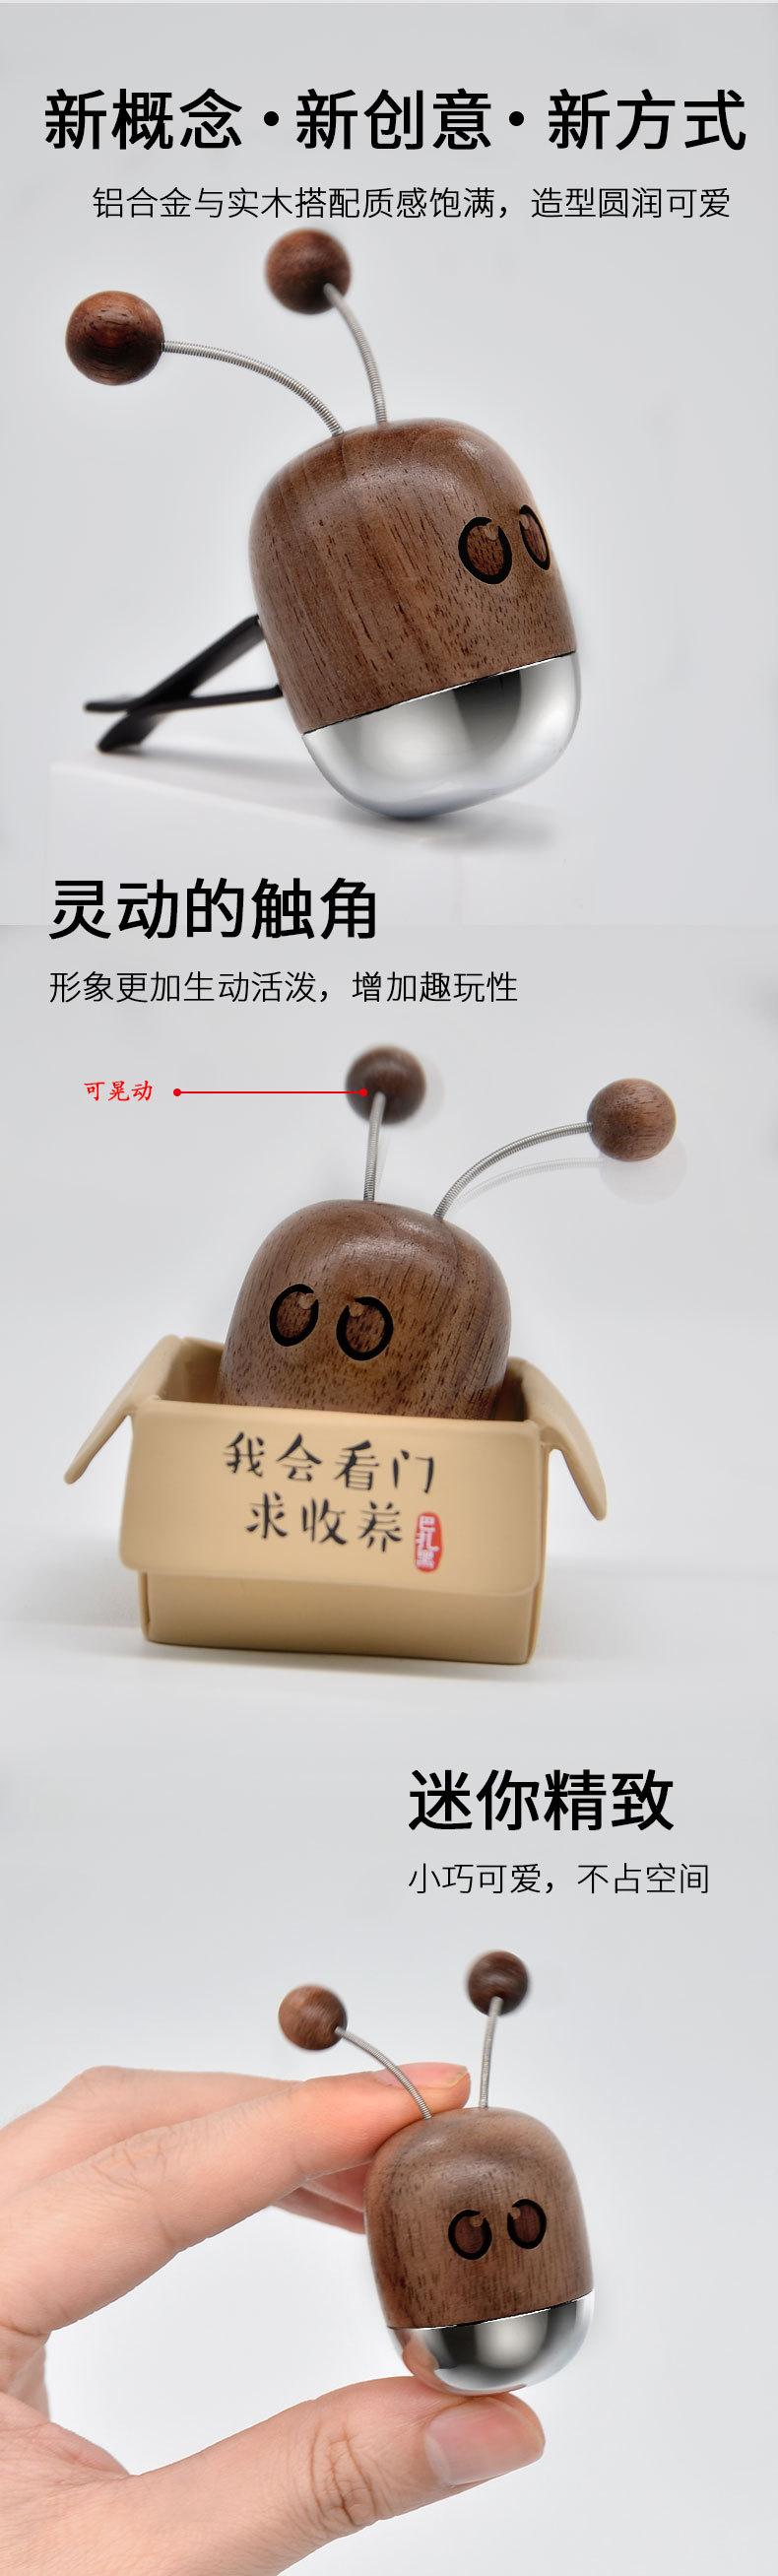 小蜜蜂详情-2_02.jpg